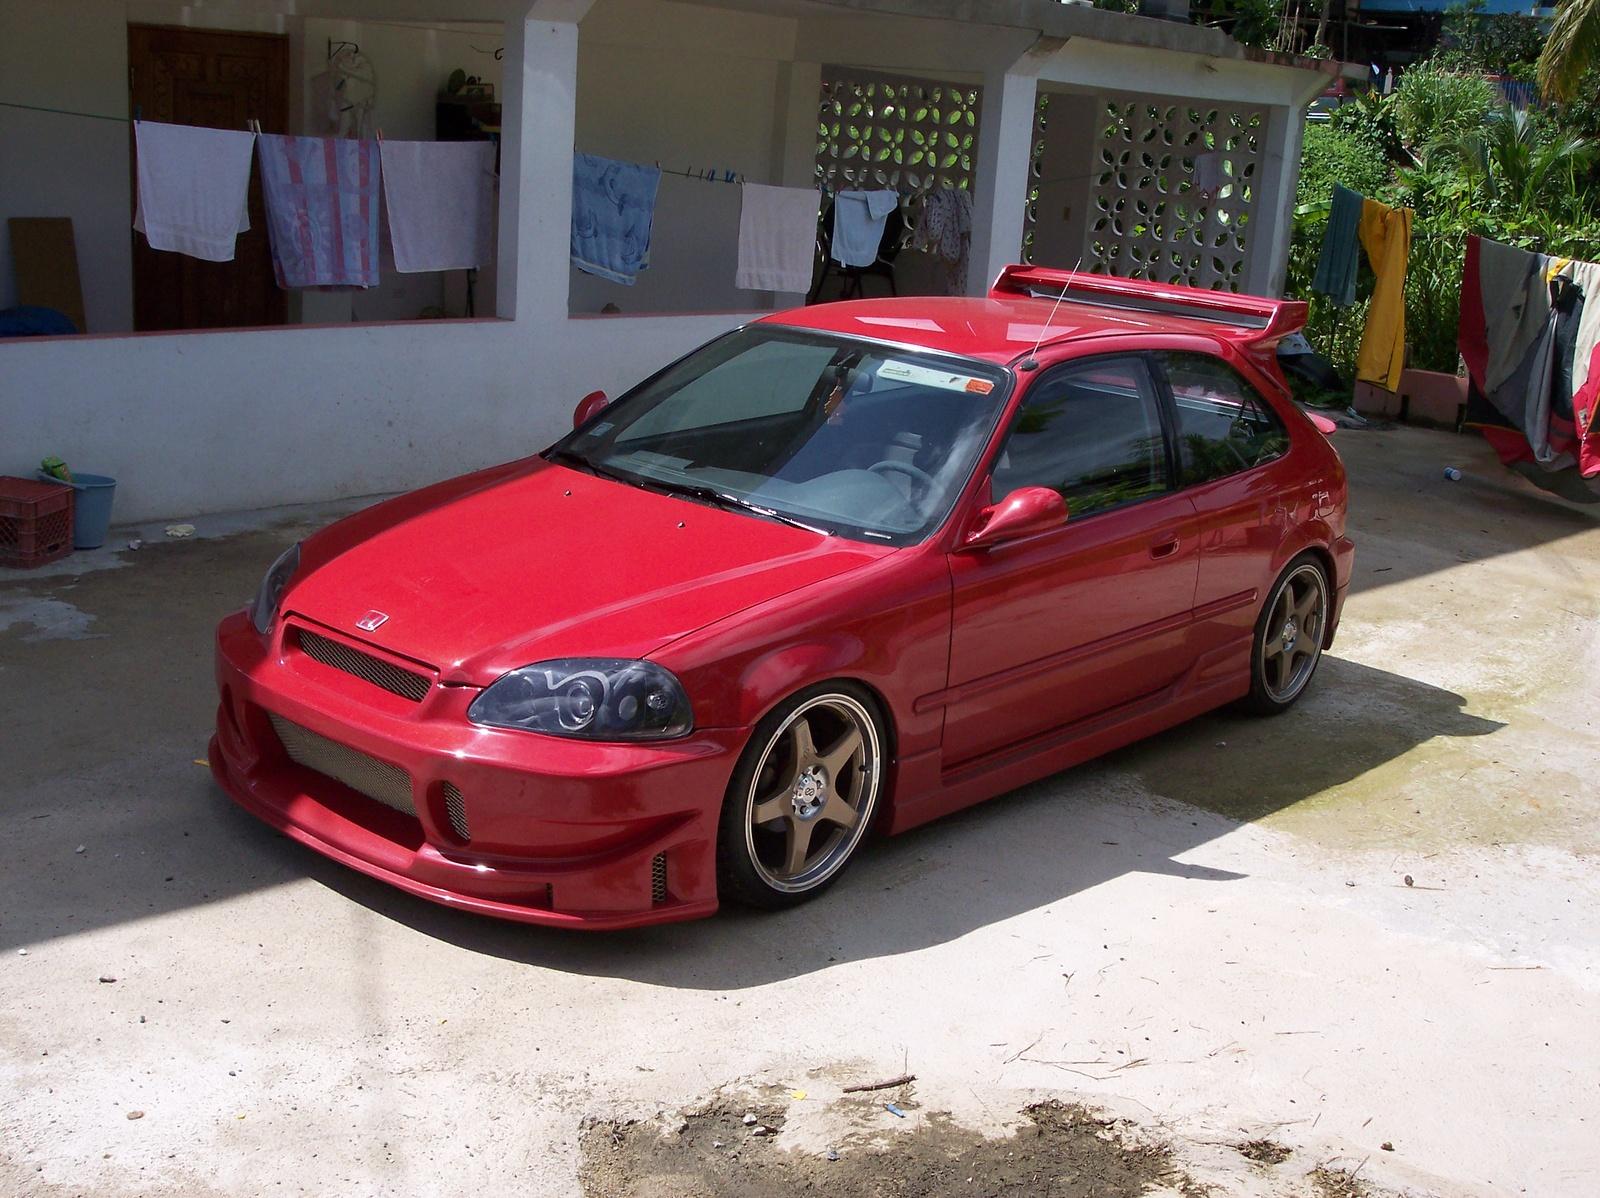 1998 Honda Civic - Exterior Pictures - CarGurus